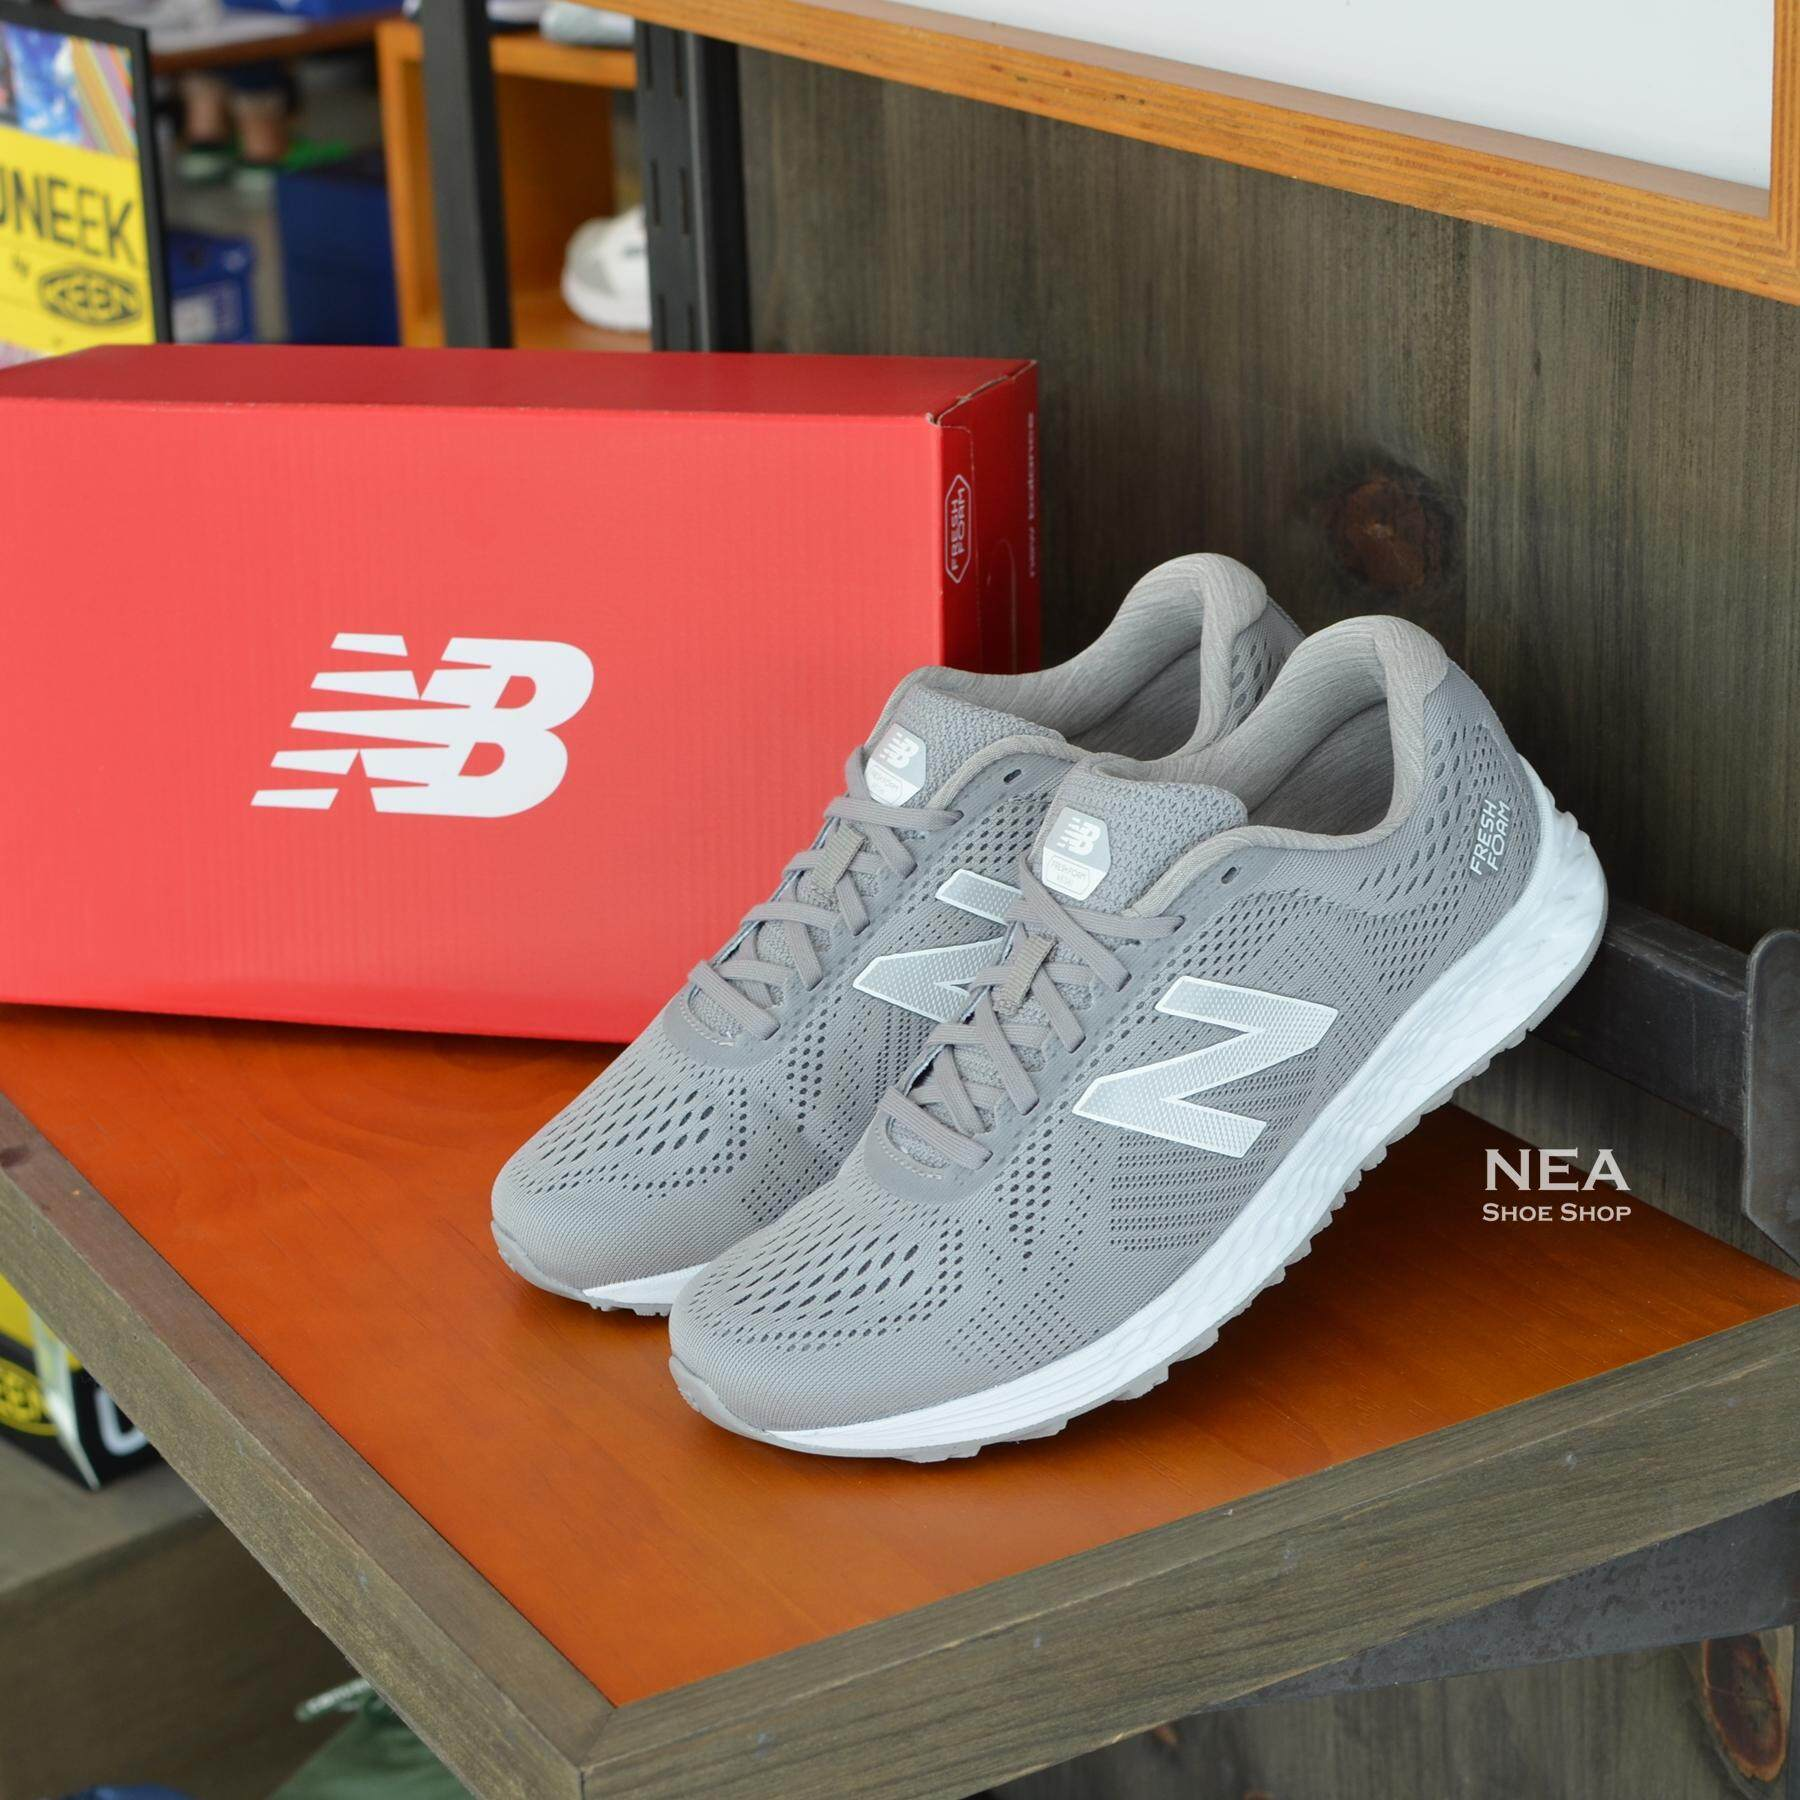 ยี่ห้อไหนดี  กาญจนบุรี [ลิขสิทธิ์แท้] New Balance Fresh Foam Arishi Sport [M] รองเท้าผู้ชาย รองรับการวิ่ง และออกกำลังกาย